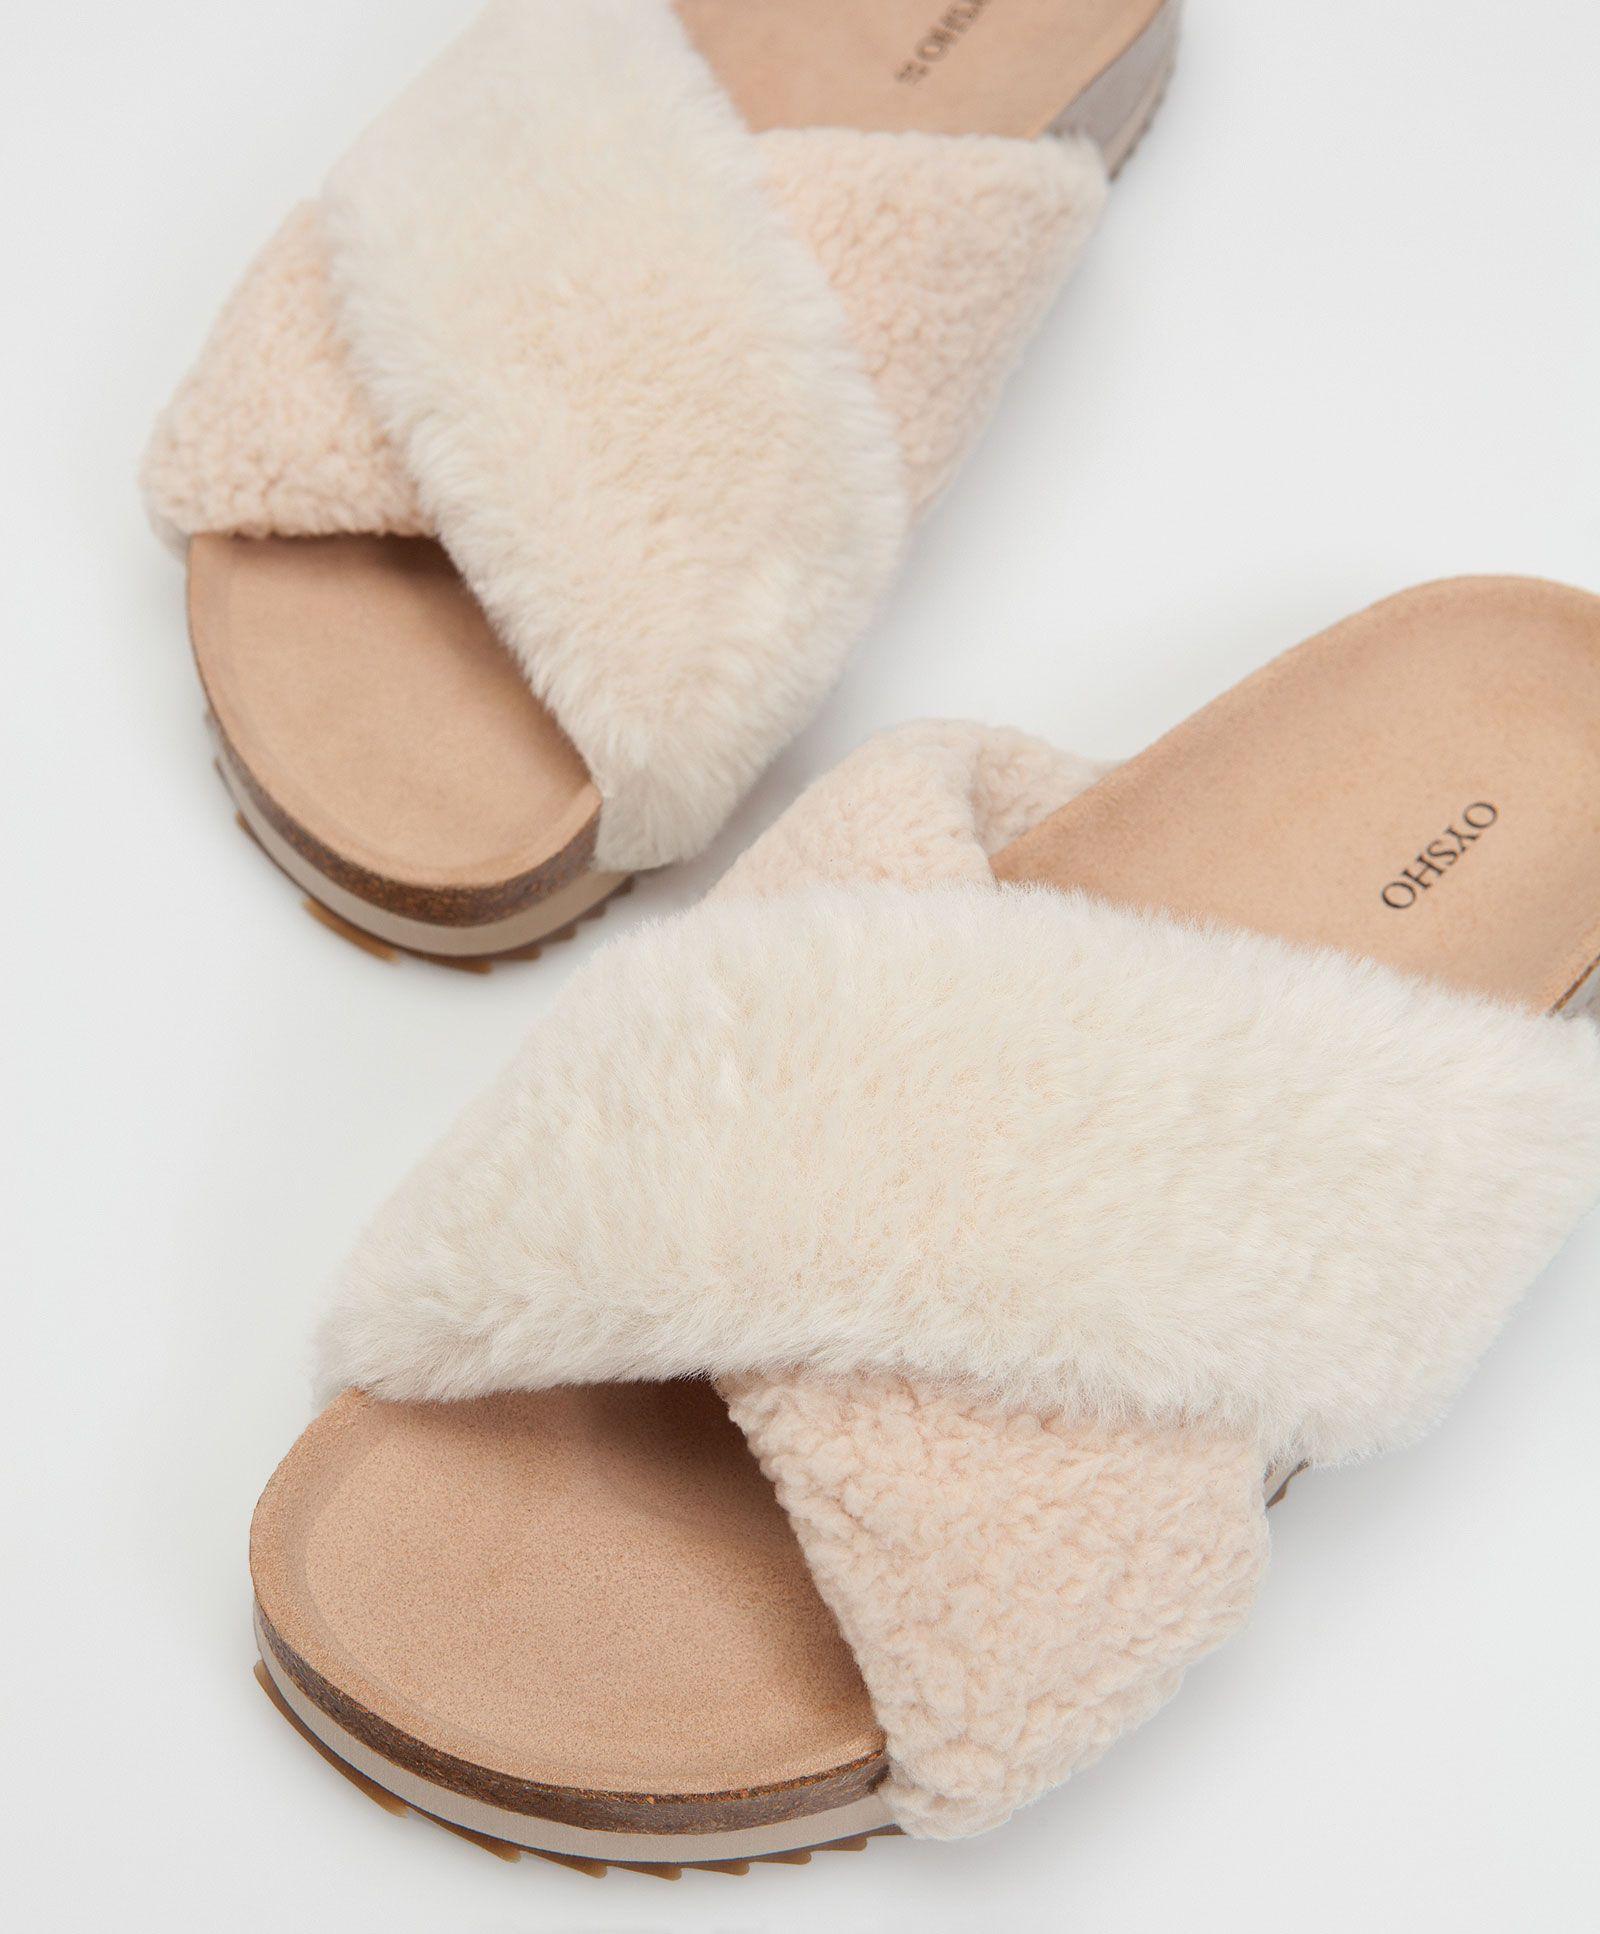 sandale croisée mode fourrure - chausson - dernières tendances